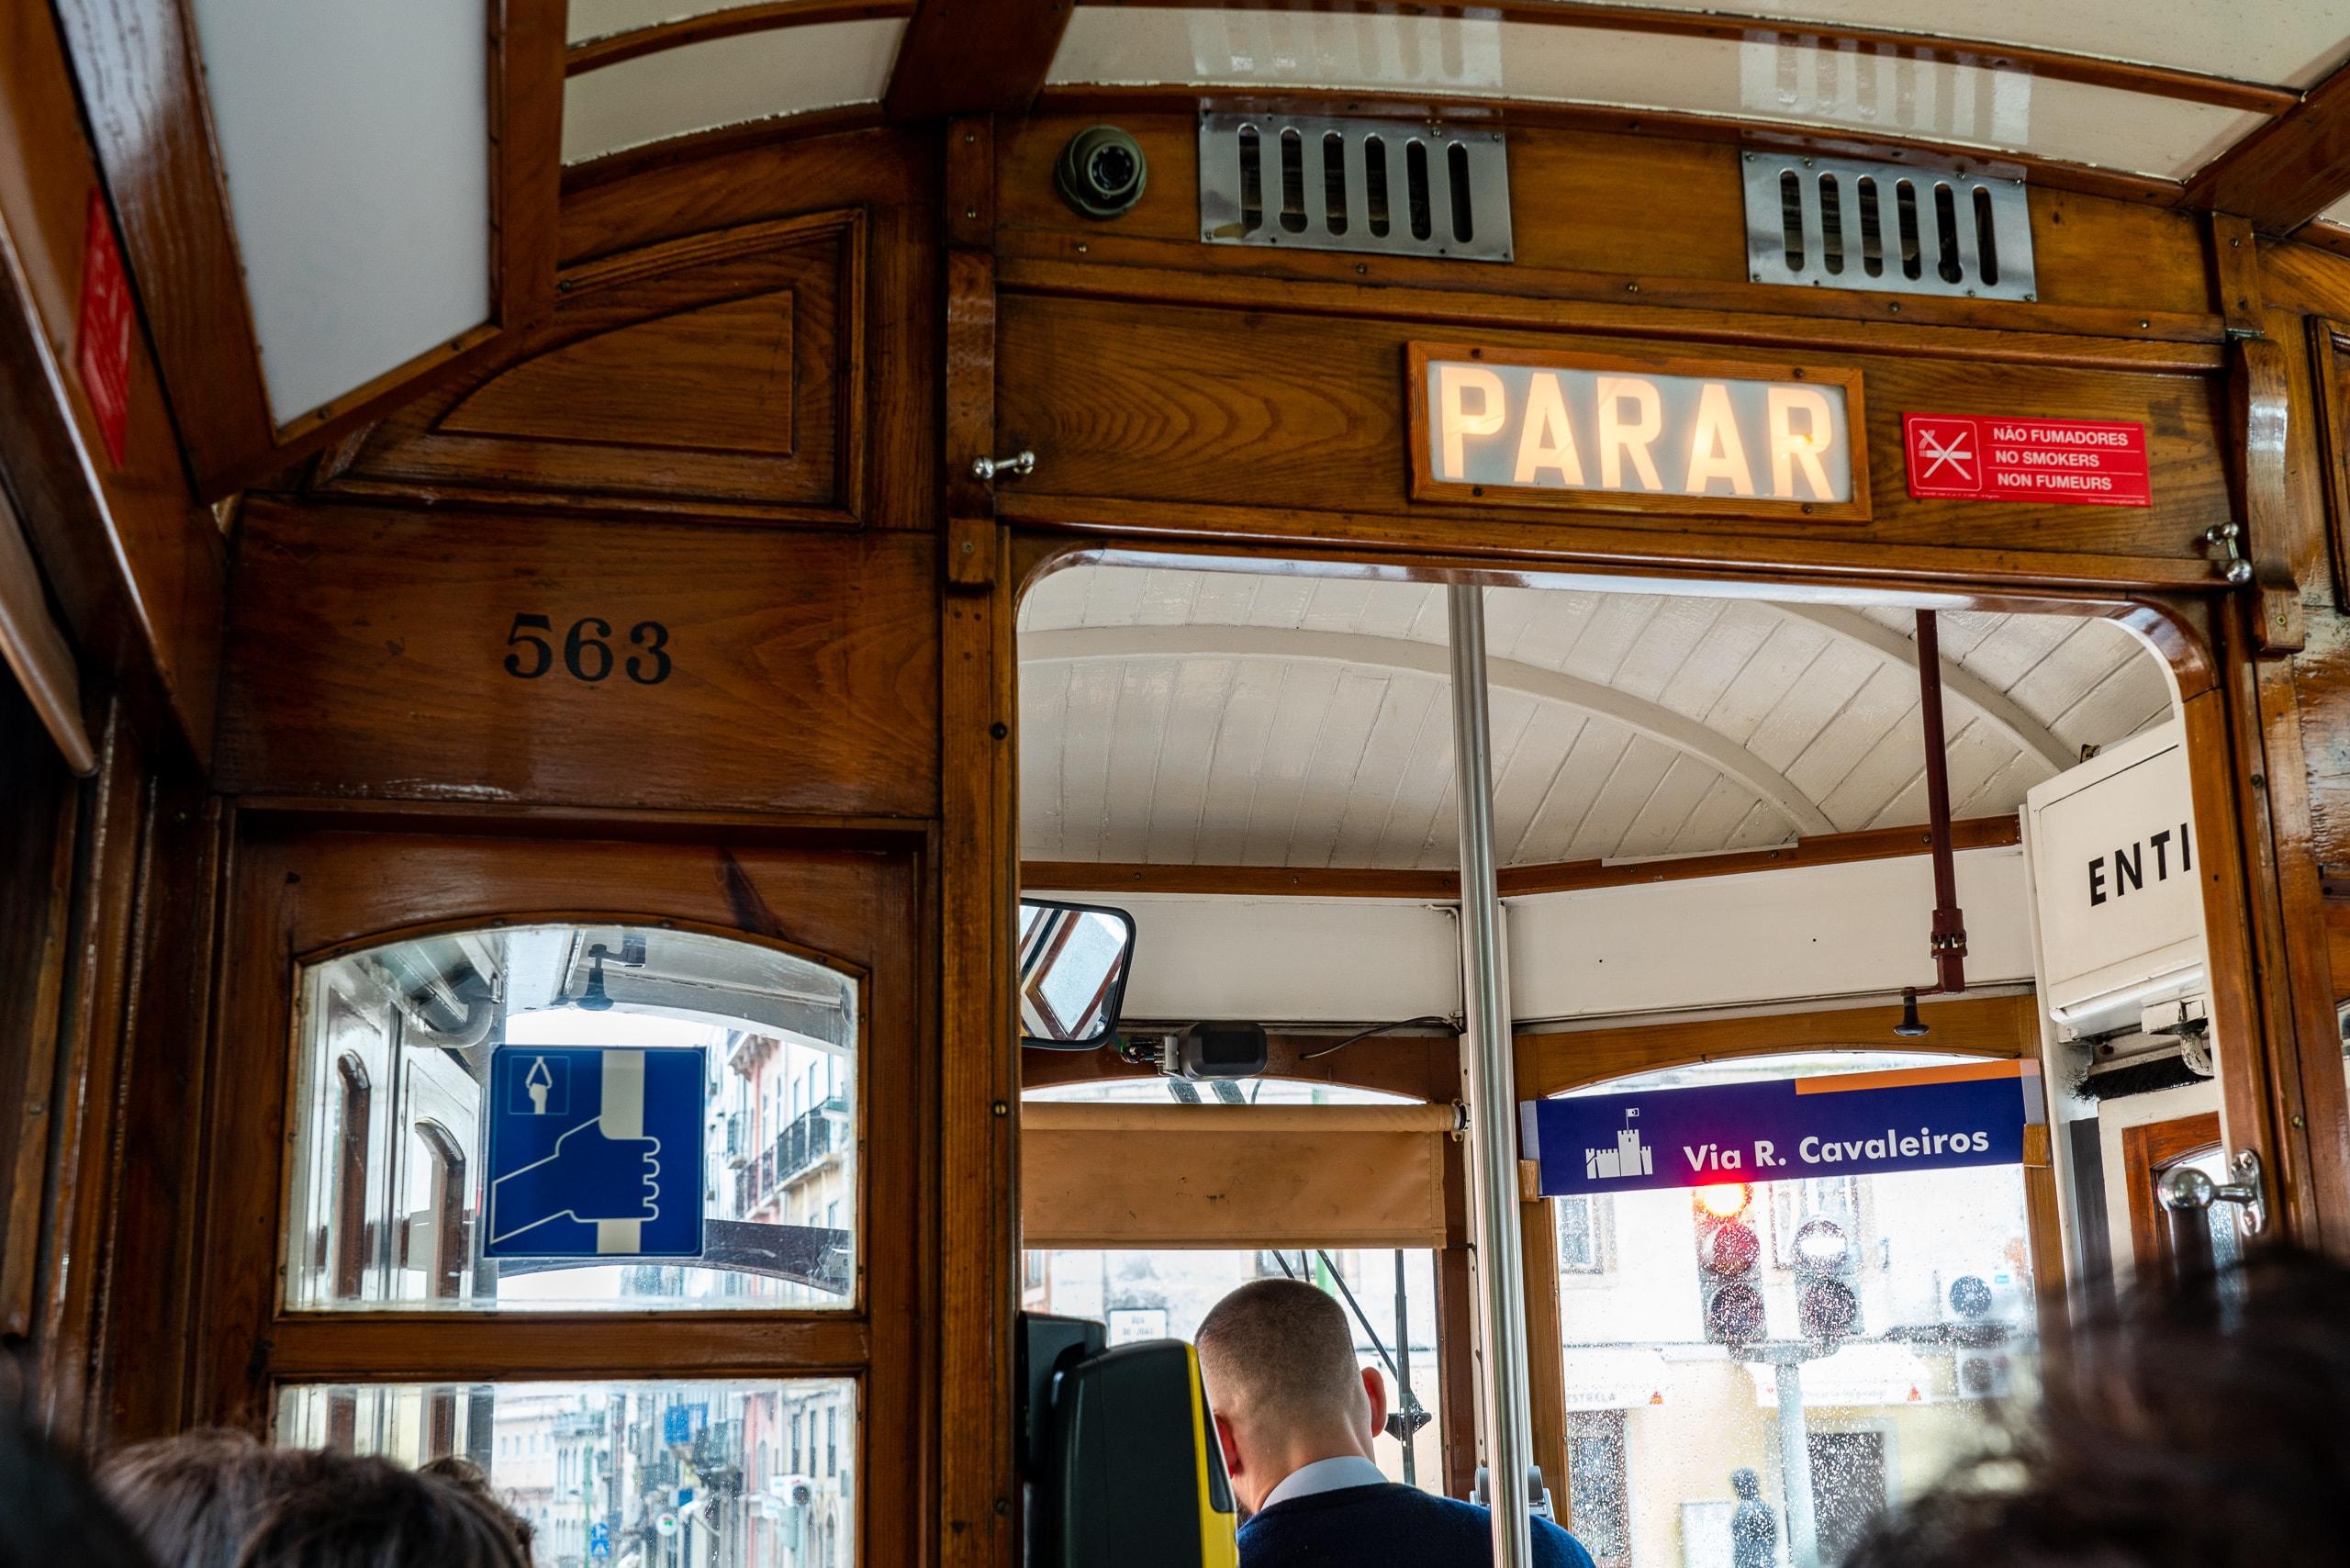 Inside the Lisbon tram